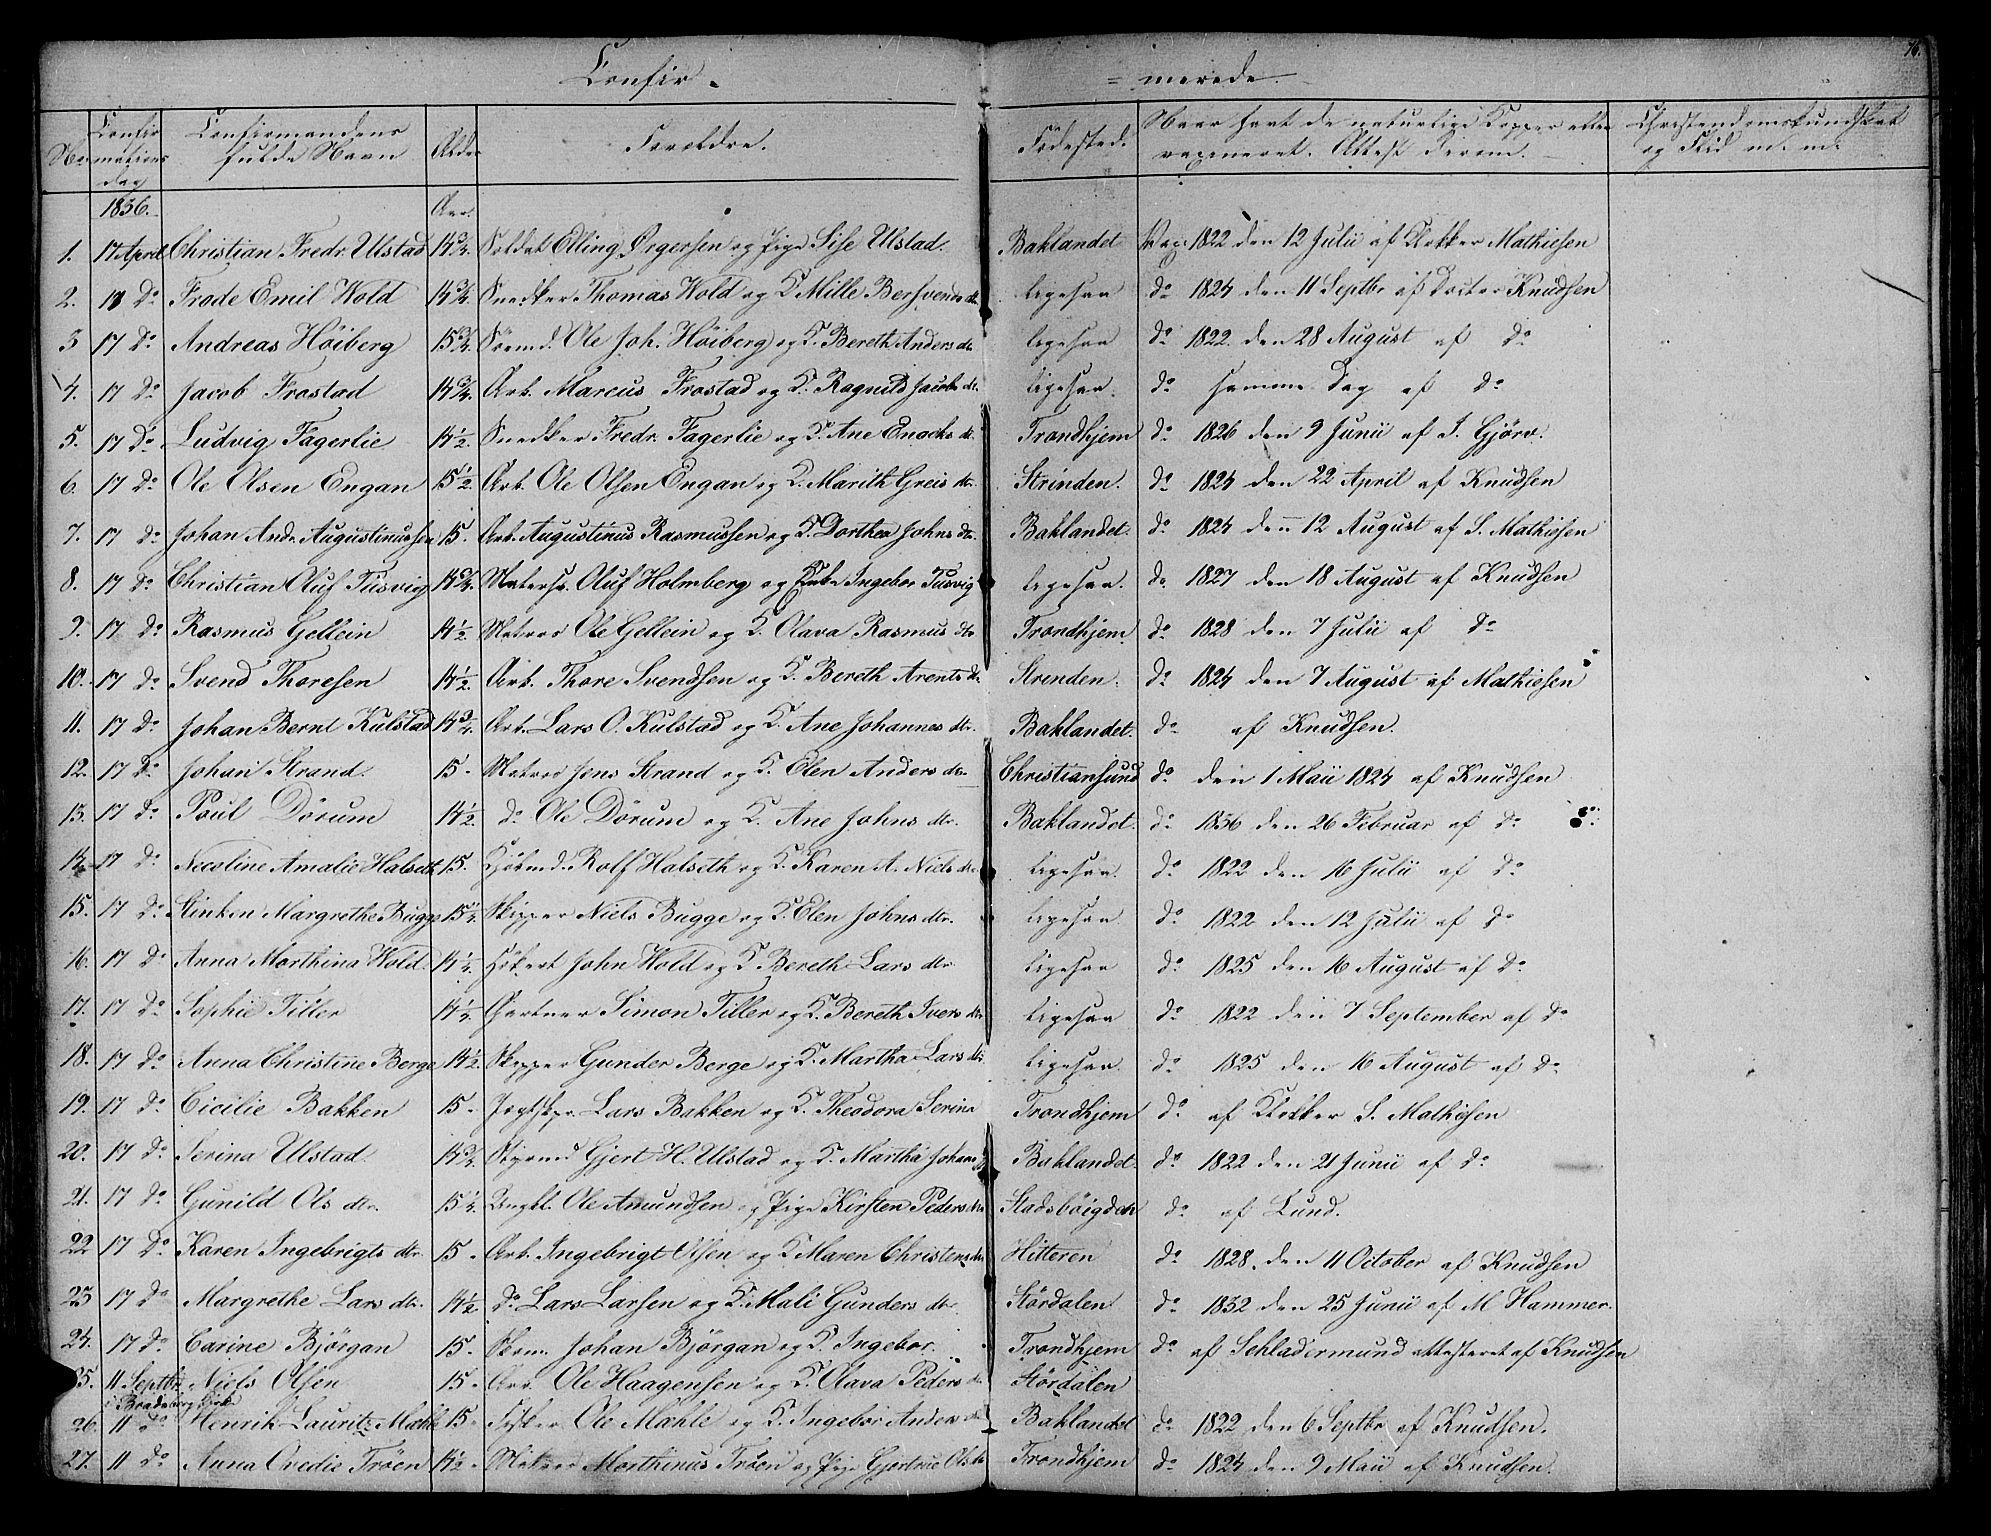 SAT, Ministerialprotokoller, klokkerbøker og fødselsregistre - Sør-Trøndelag, 604/L0182: Ministerialbok nr. 604A03, 1818-1850, s. 76